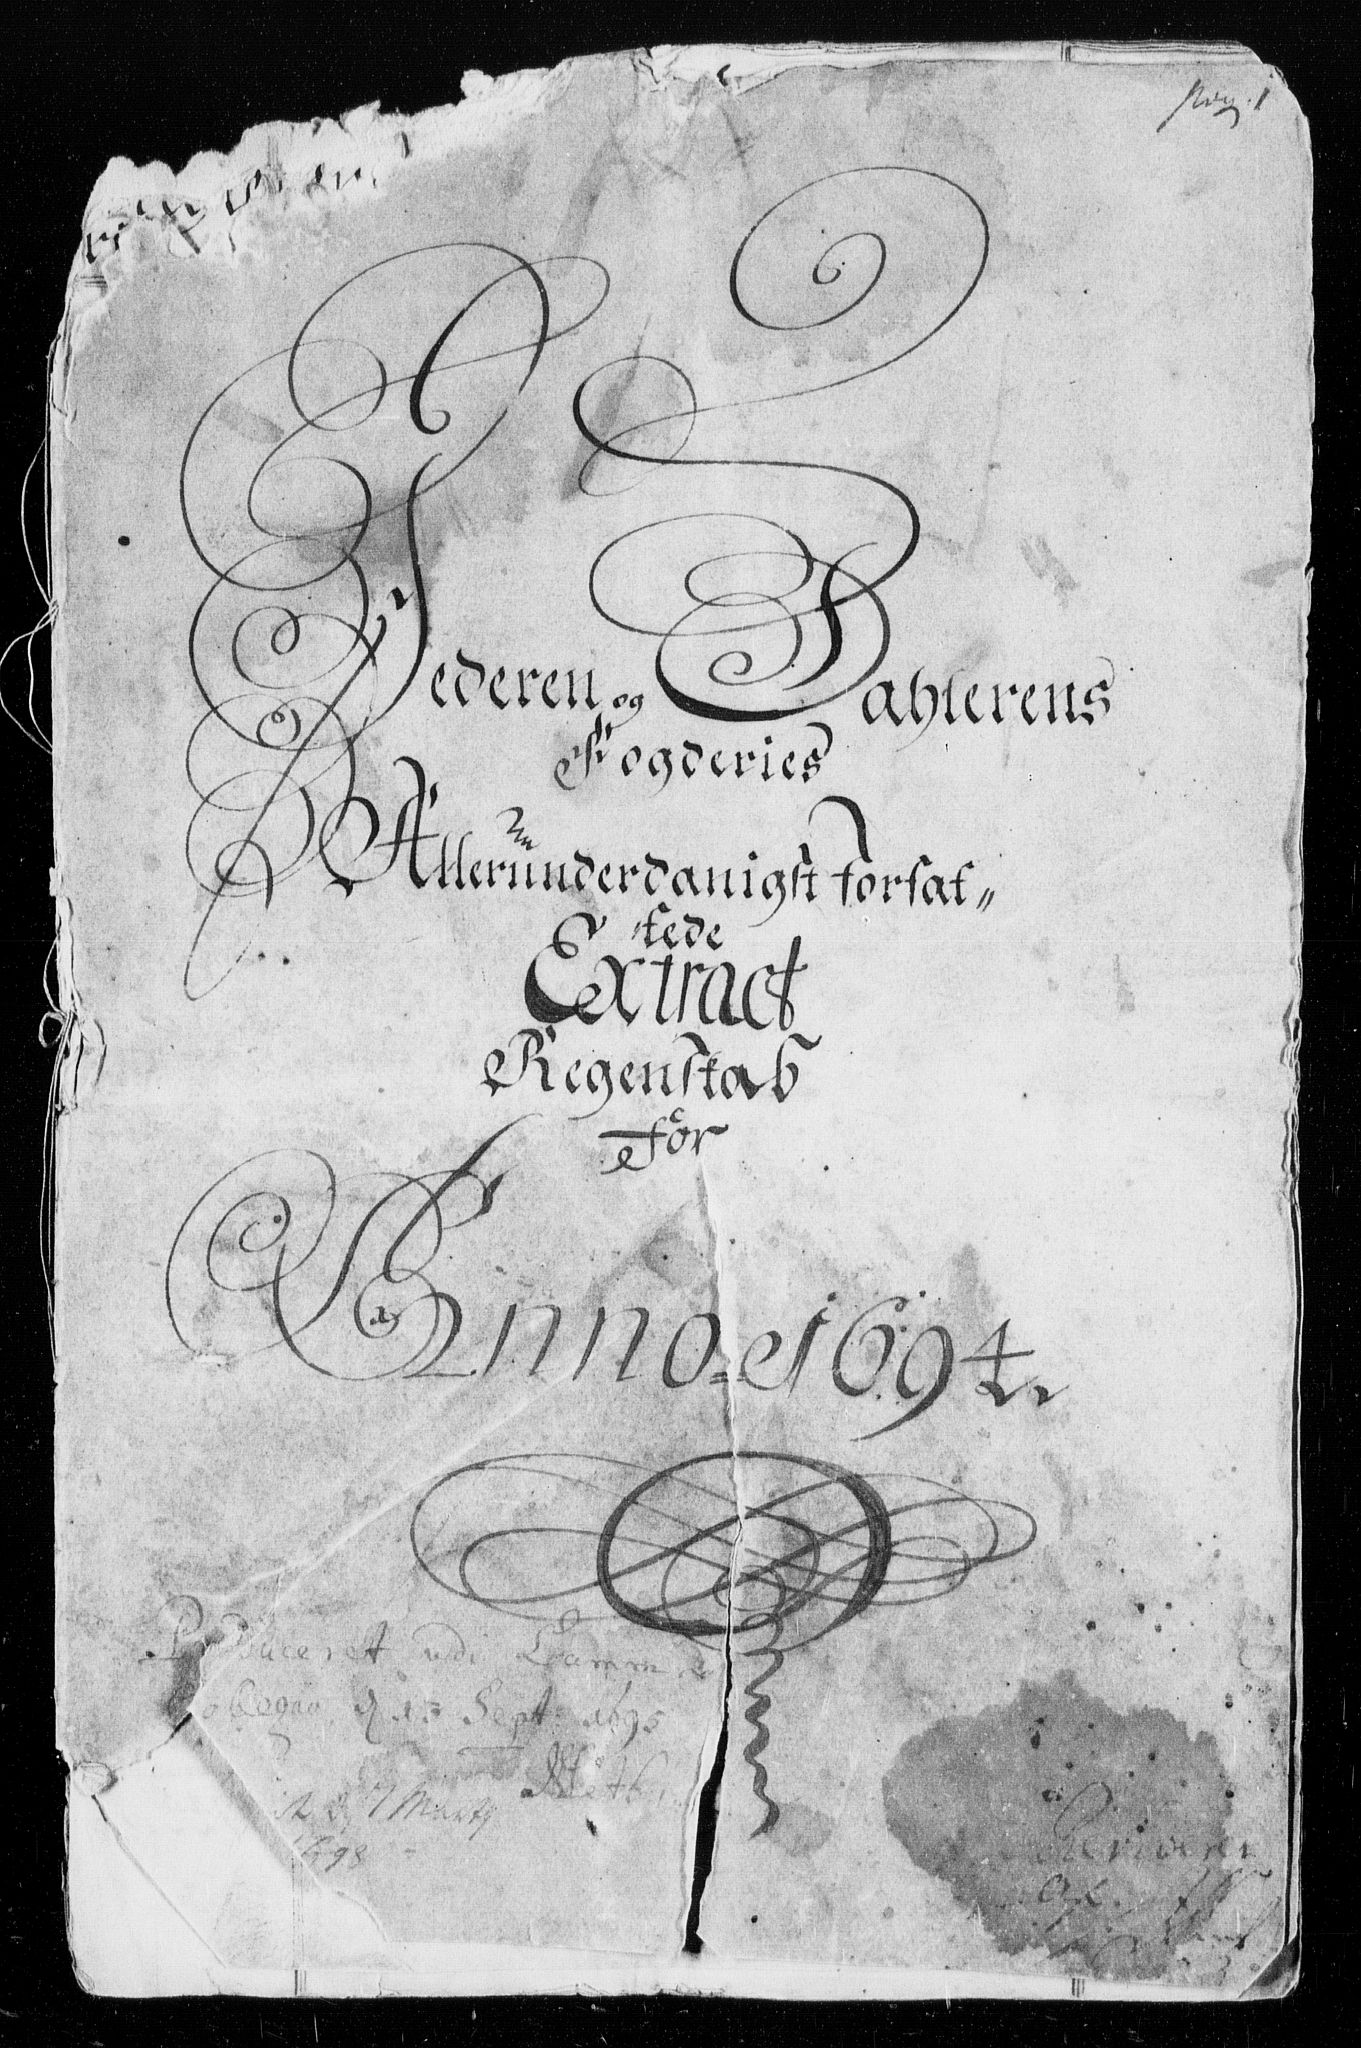 RA, Rentekammeret inntil 1814, Reviderte regnskaper, Fogderegnskap, R46/L2728: Fogderegnskap Jæren og Dalane, 1694-1696, s. 1